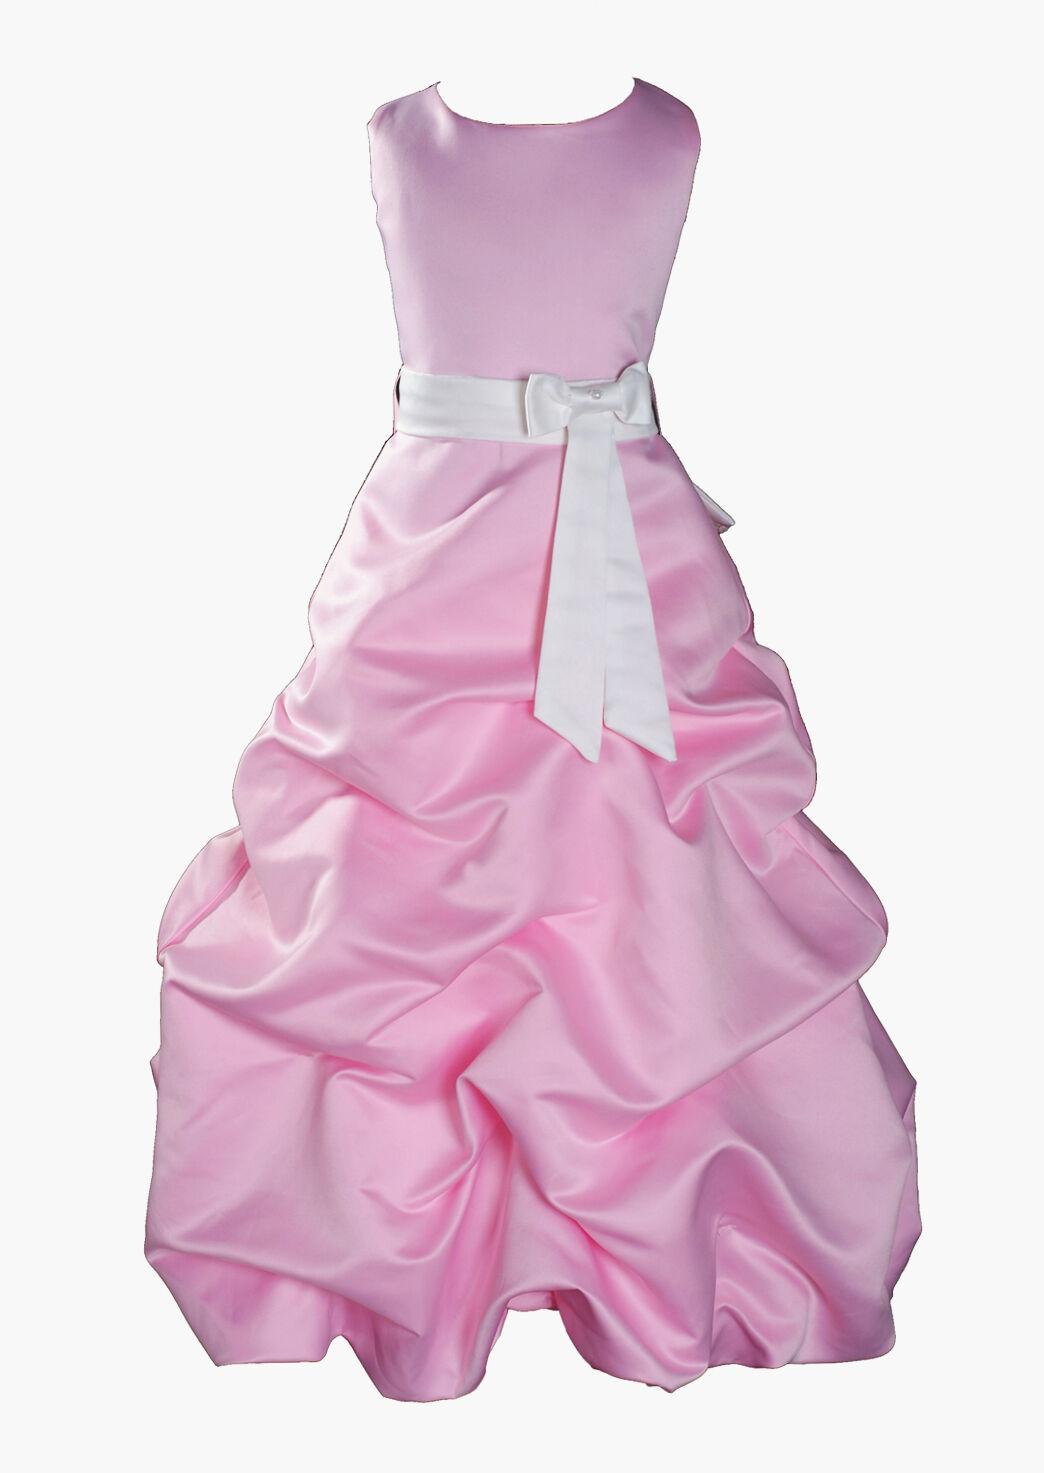 Neu Blaumenmädchen Brautjungfer Schönheitswettbewerb Kleid 1-13 Y Rosa+Sash in  | Charakteristisch  | Sonderaktionen zum Jahresende  | Online Outlet Store